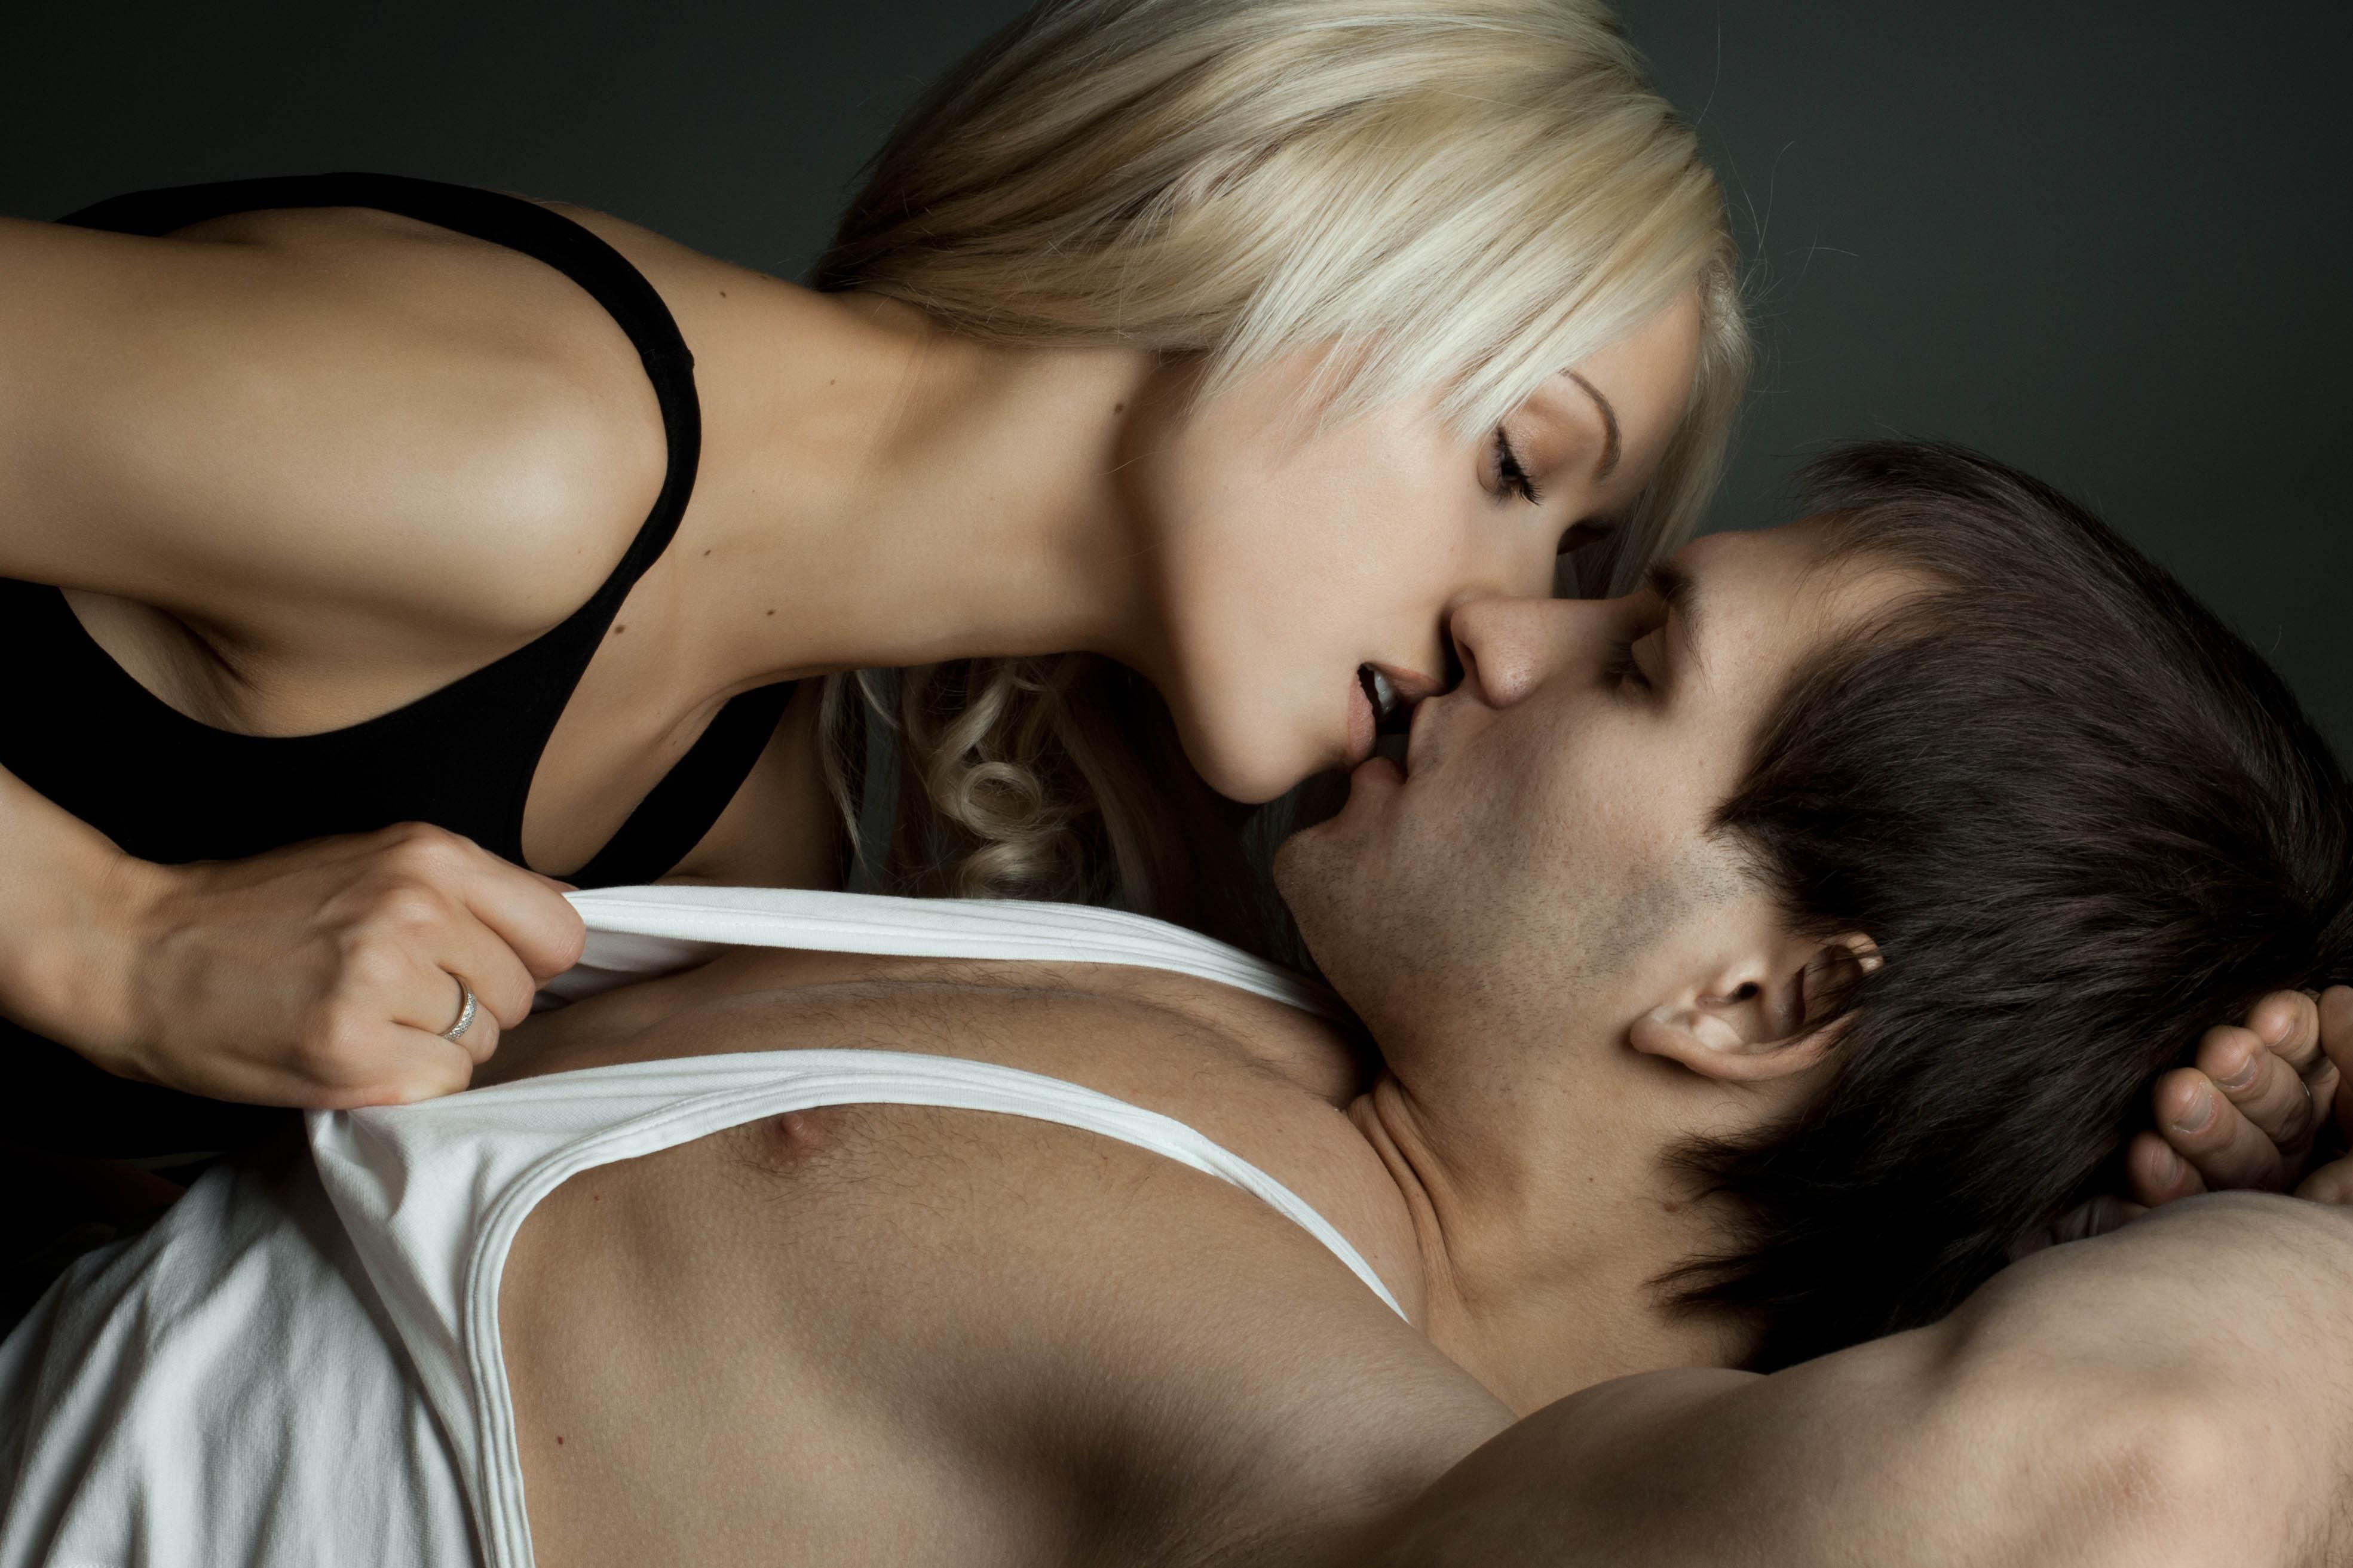 maslo-eroticheskiy-massazh